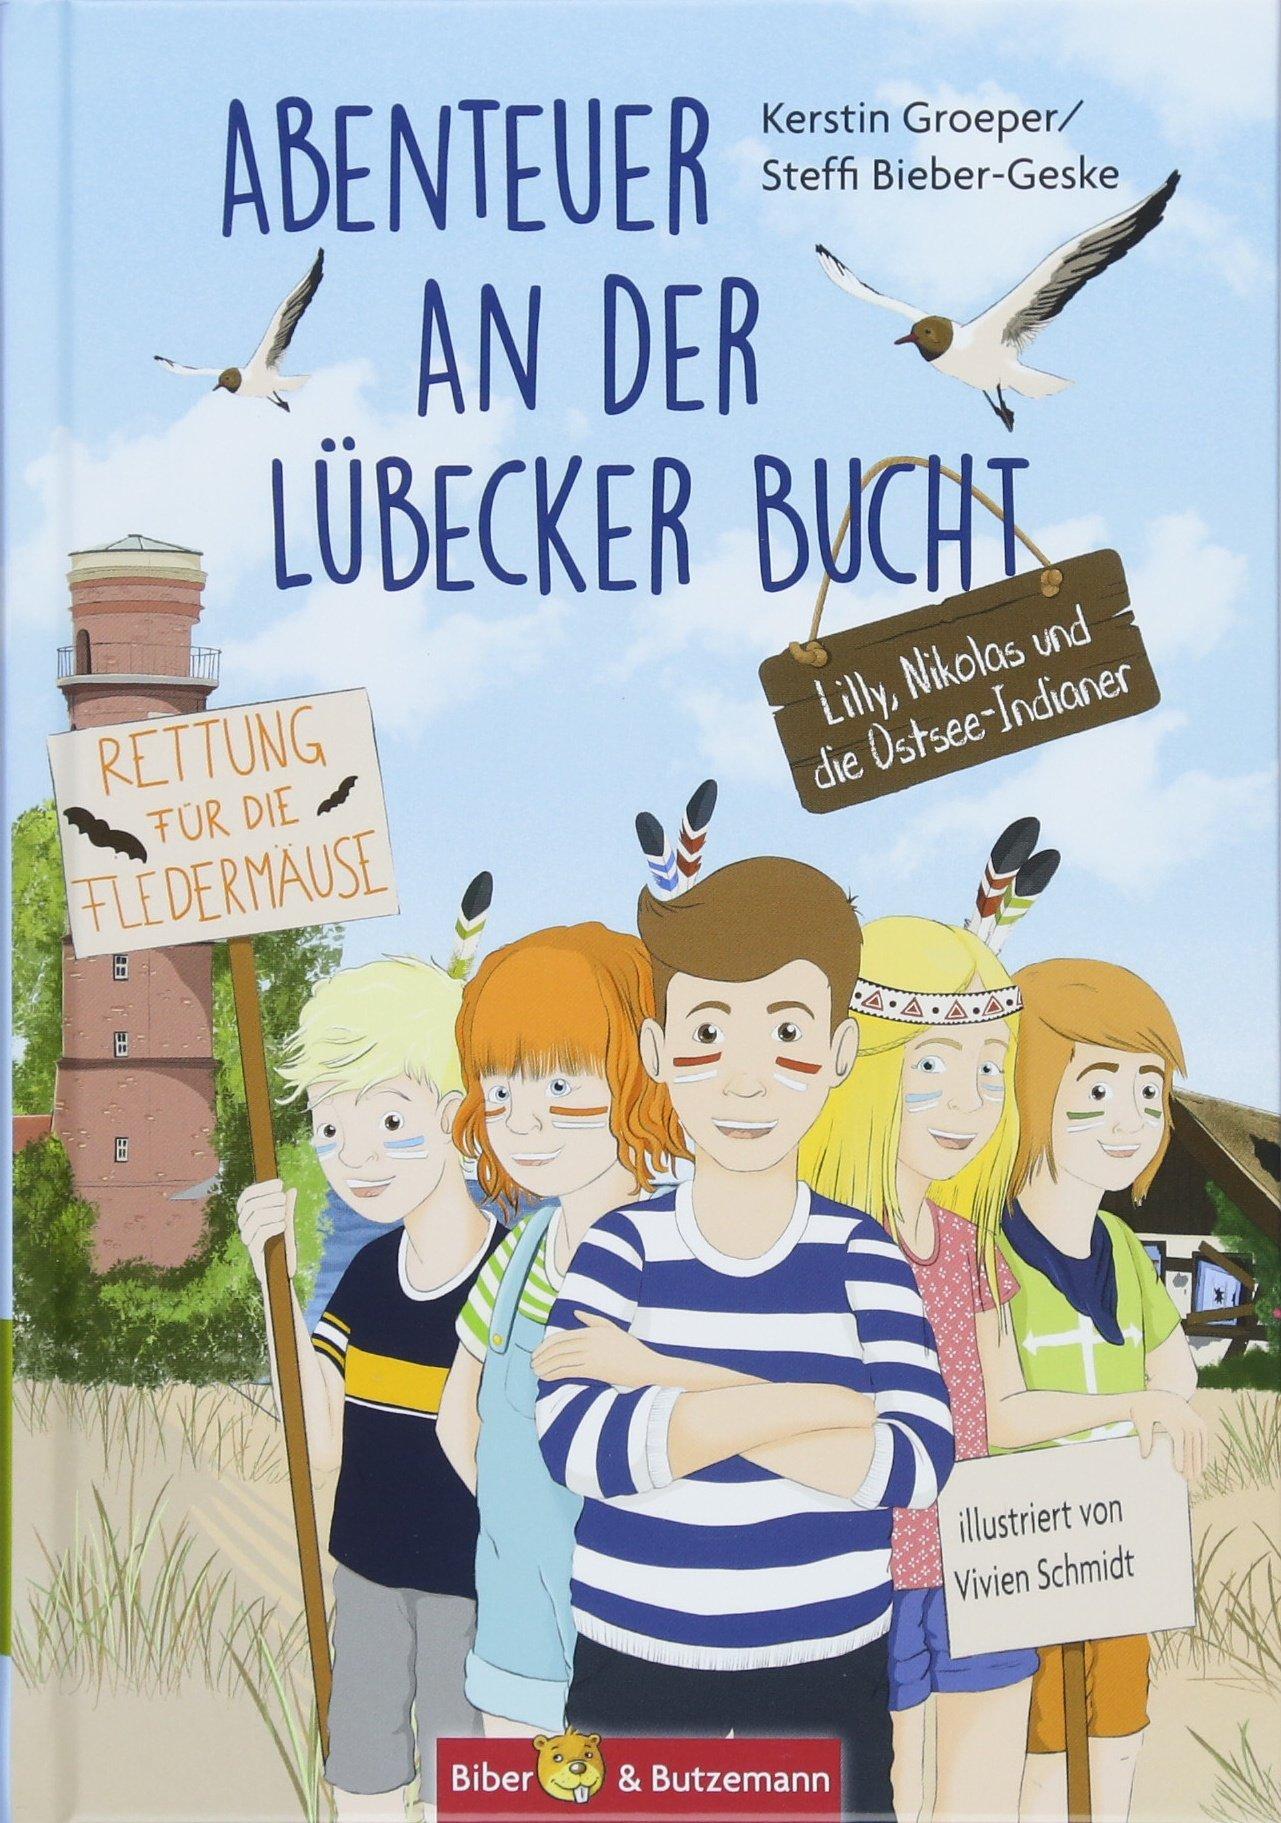 Abenteuer an der Lübecker Bucht - Lilly, Nikolas und die Ostseedindianer (Lilly und Nikolas)